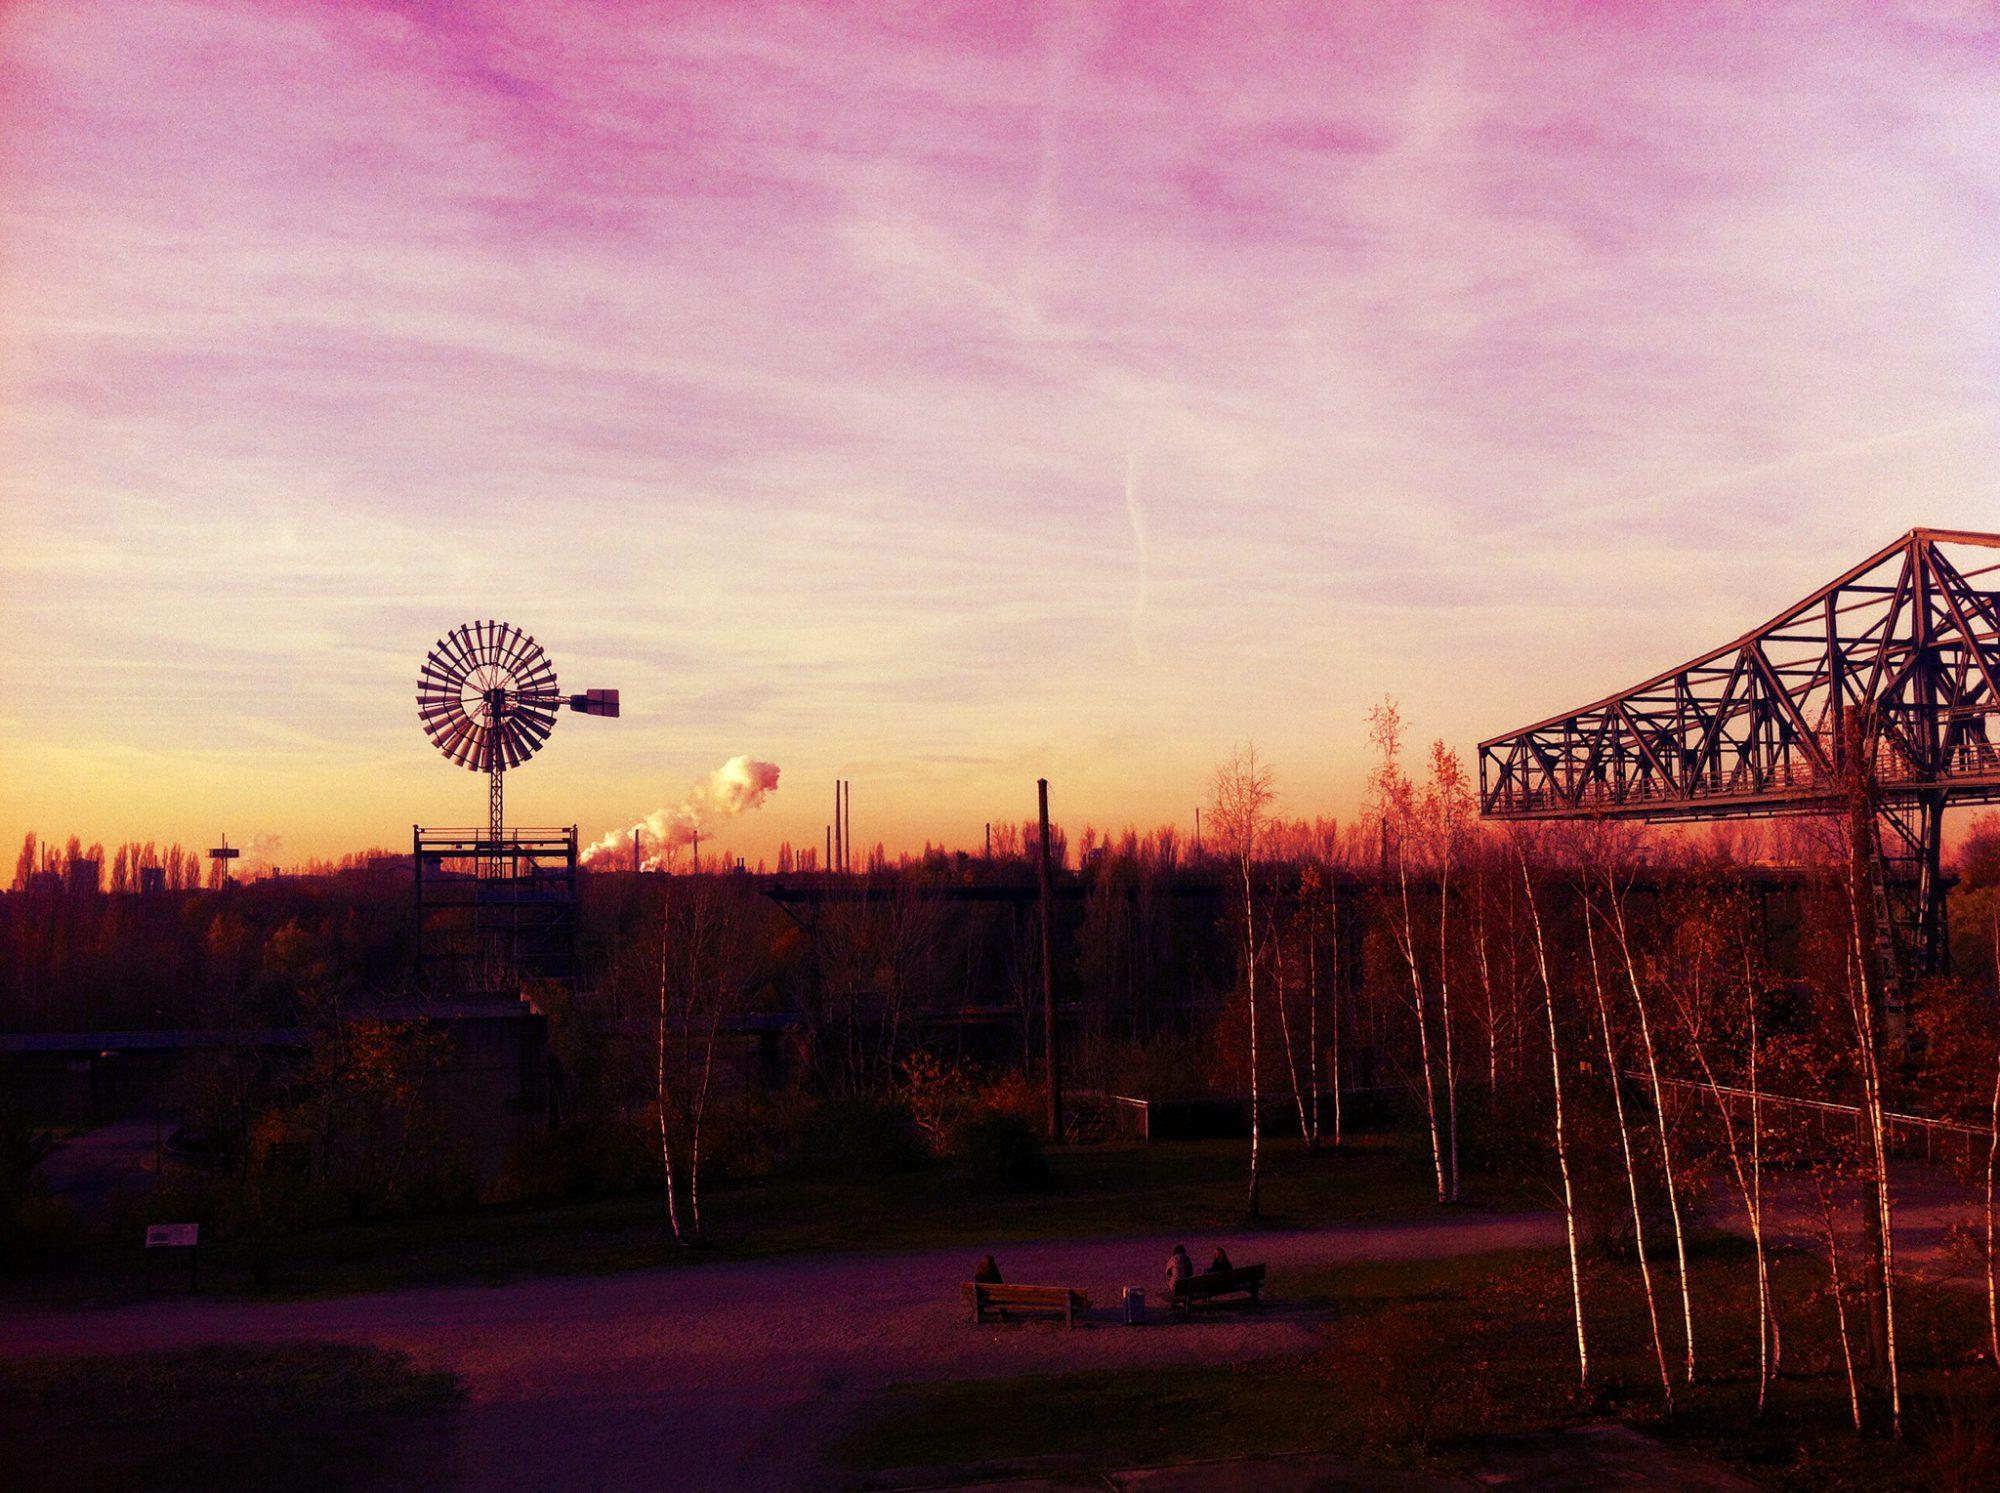 Landschaftspark_Duisburg_Sonennuntergang